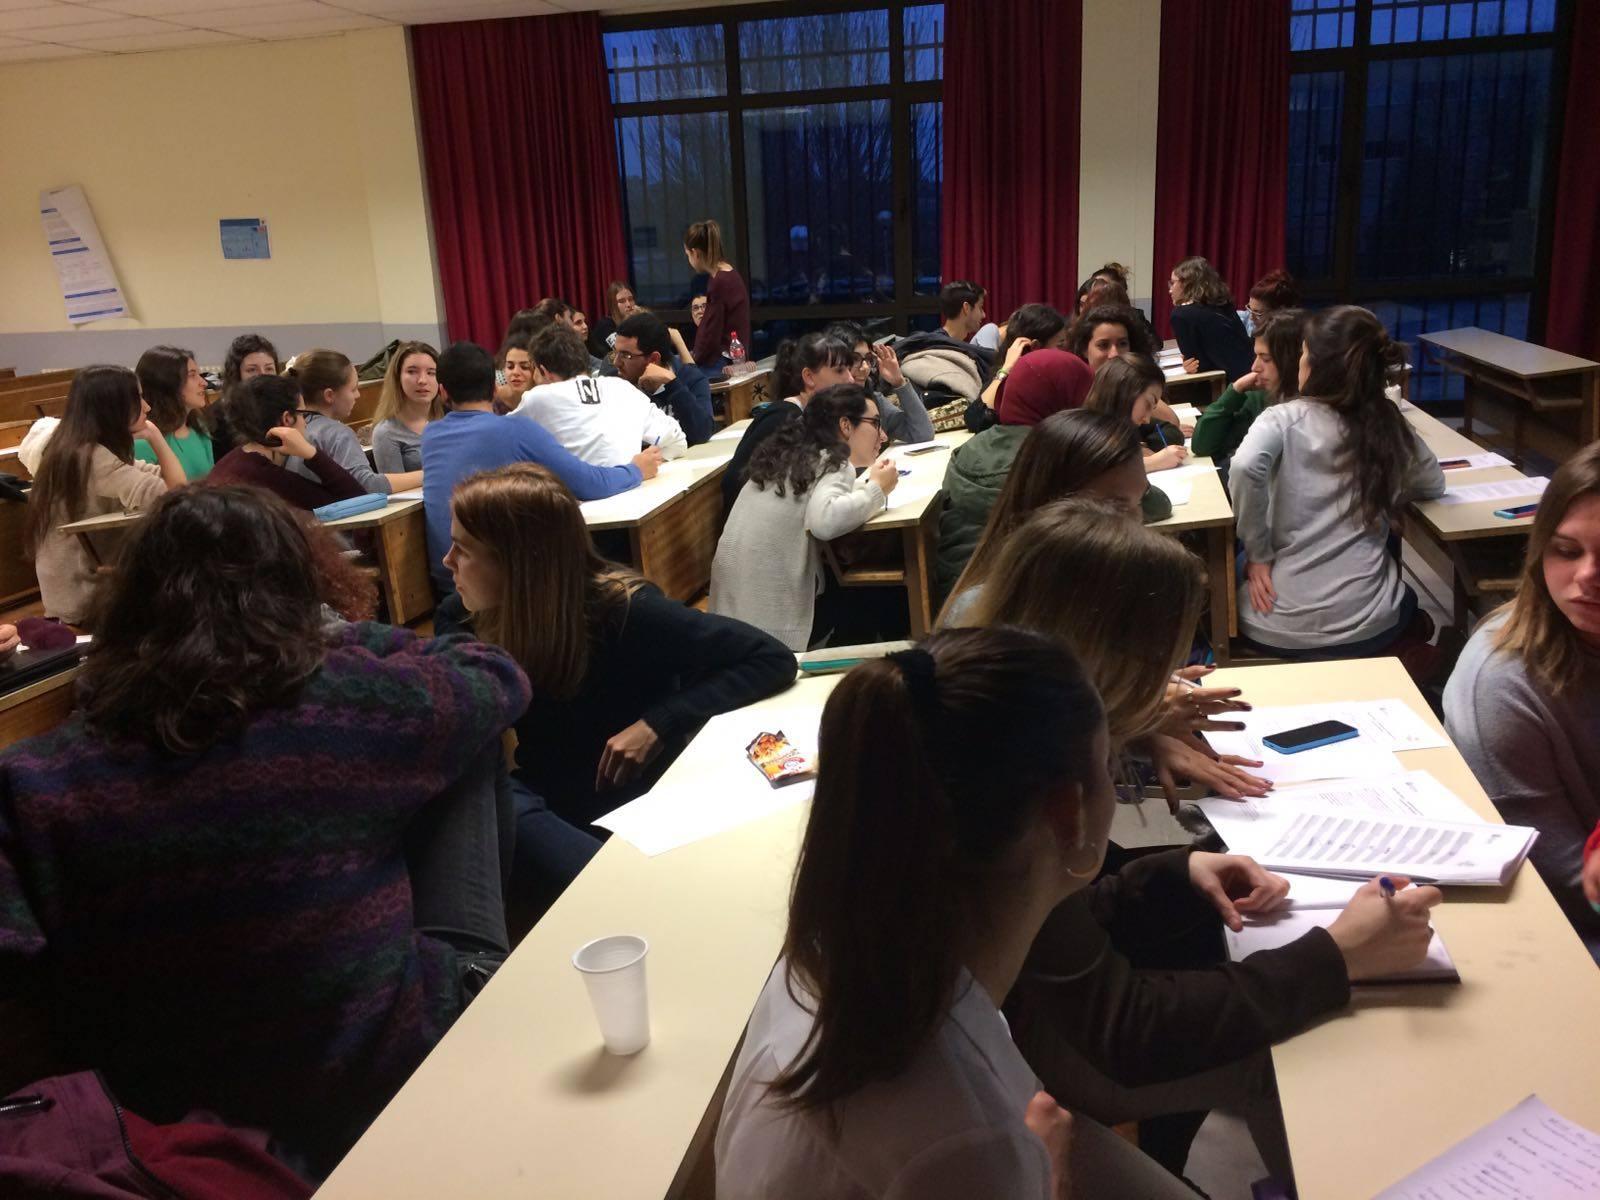 Actividad por grupos durante la formación de la Universidad Complutense de Madrid.